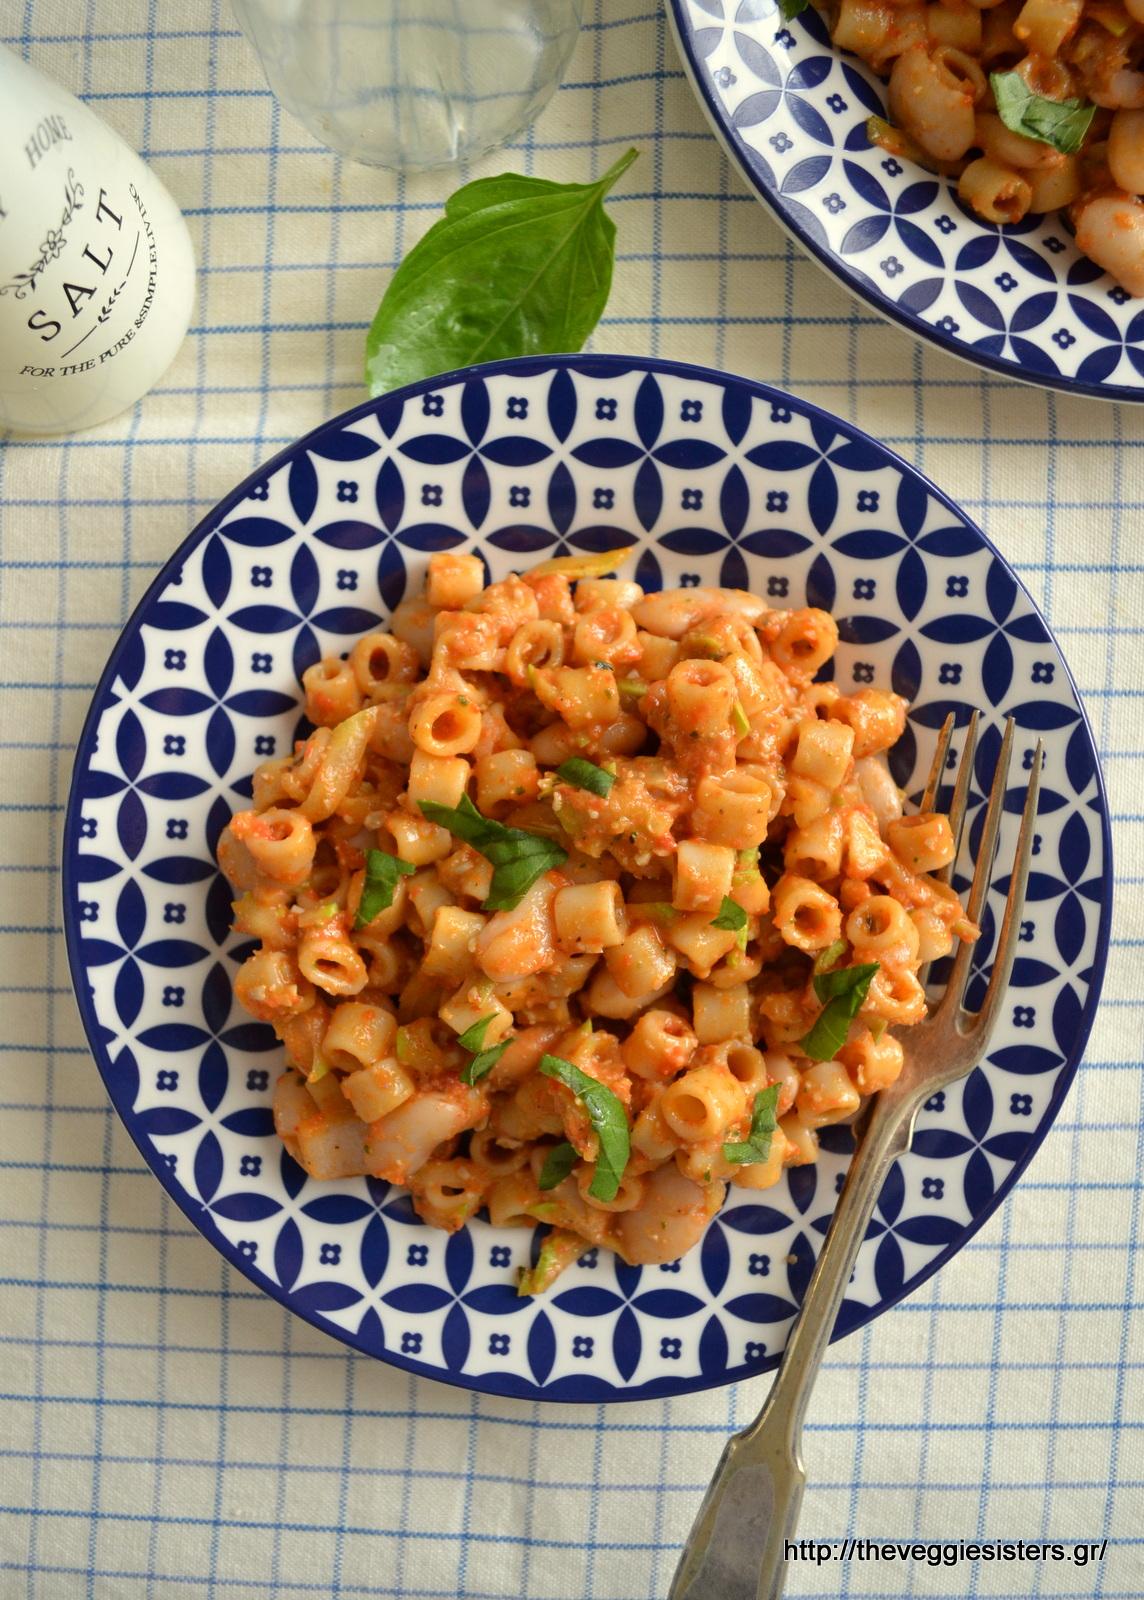 Σαλάτα ζυμαρικών με φασόλια και πέστο κόκκινης πιπεριάς